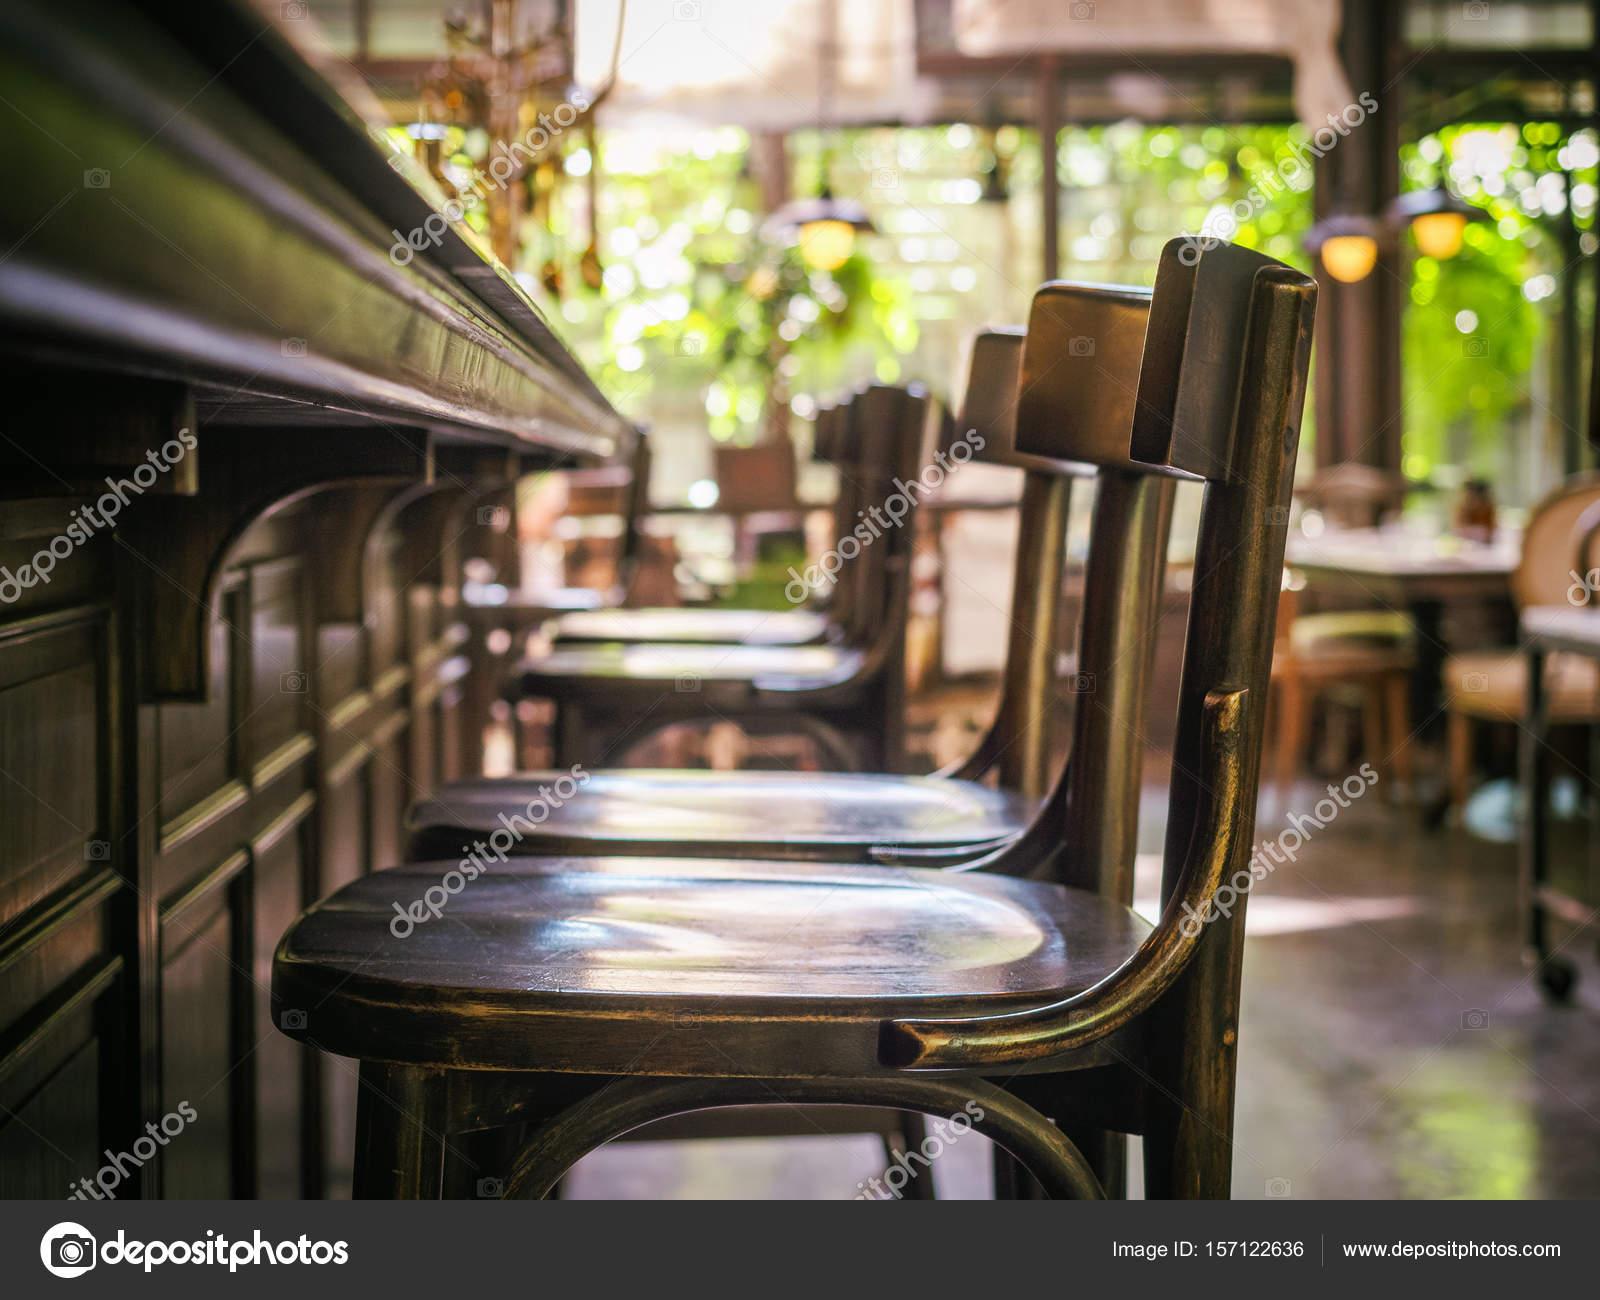 Tresen-Sitzreihe Restaurant Interieur Vintage Stil — Stockfoto ...